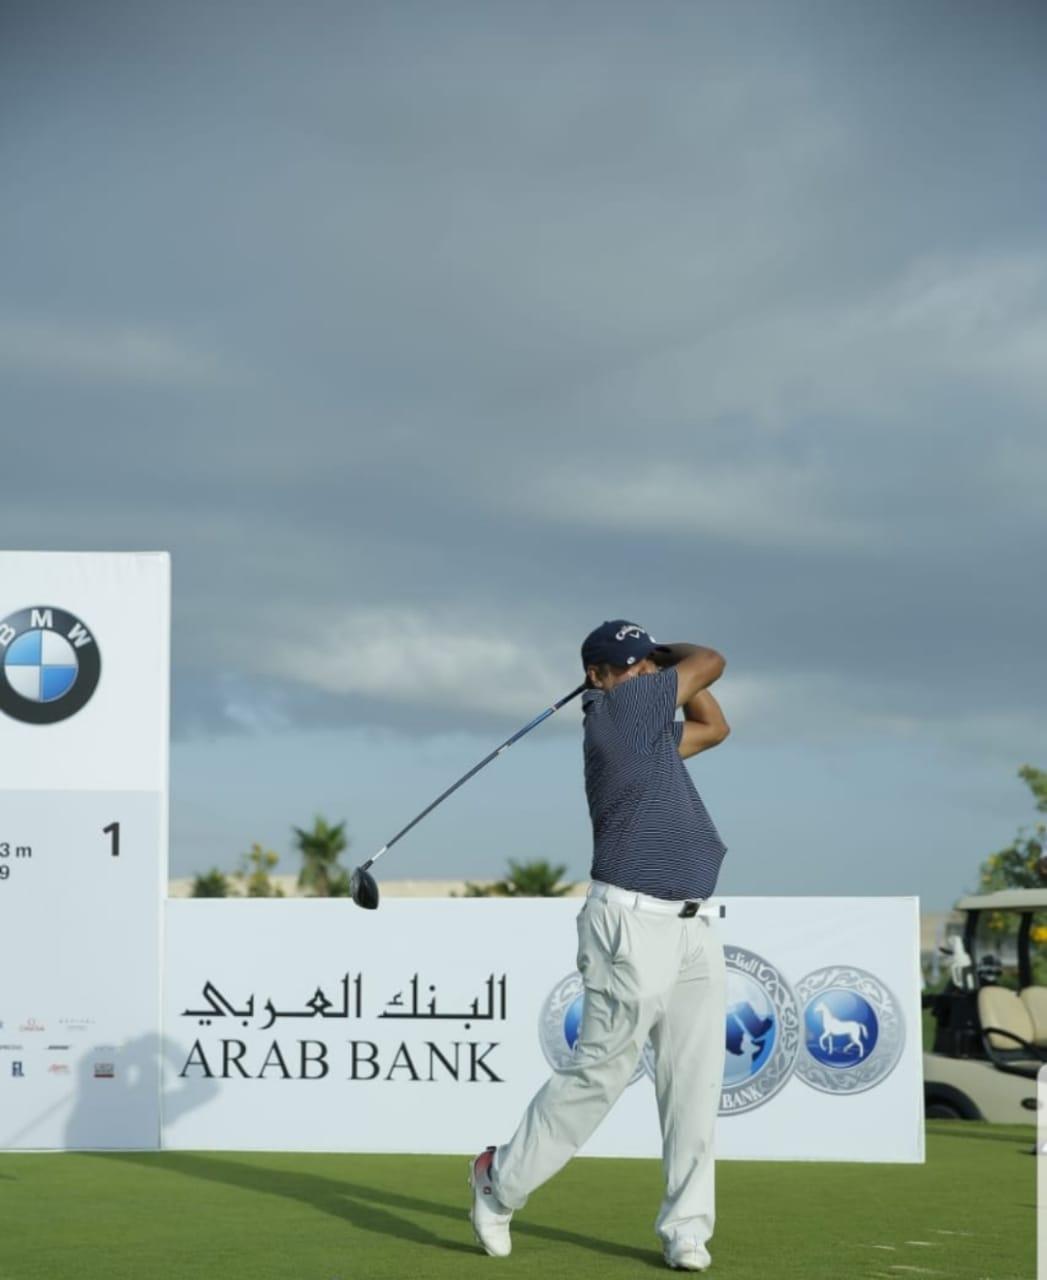 البنك العربي يشارك بفعاليات بطولة كأس BMW العالمية للجولف في مصر لعام 2019